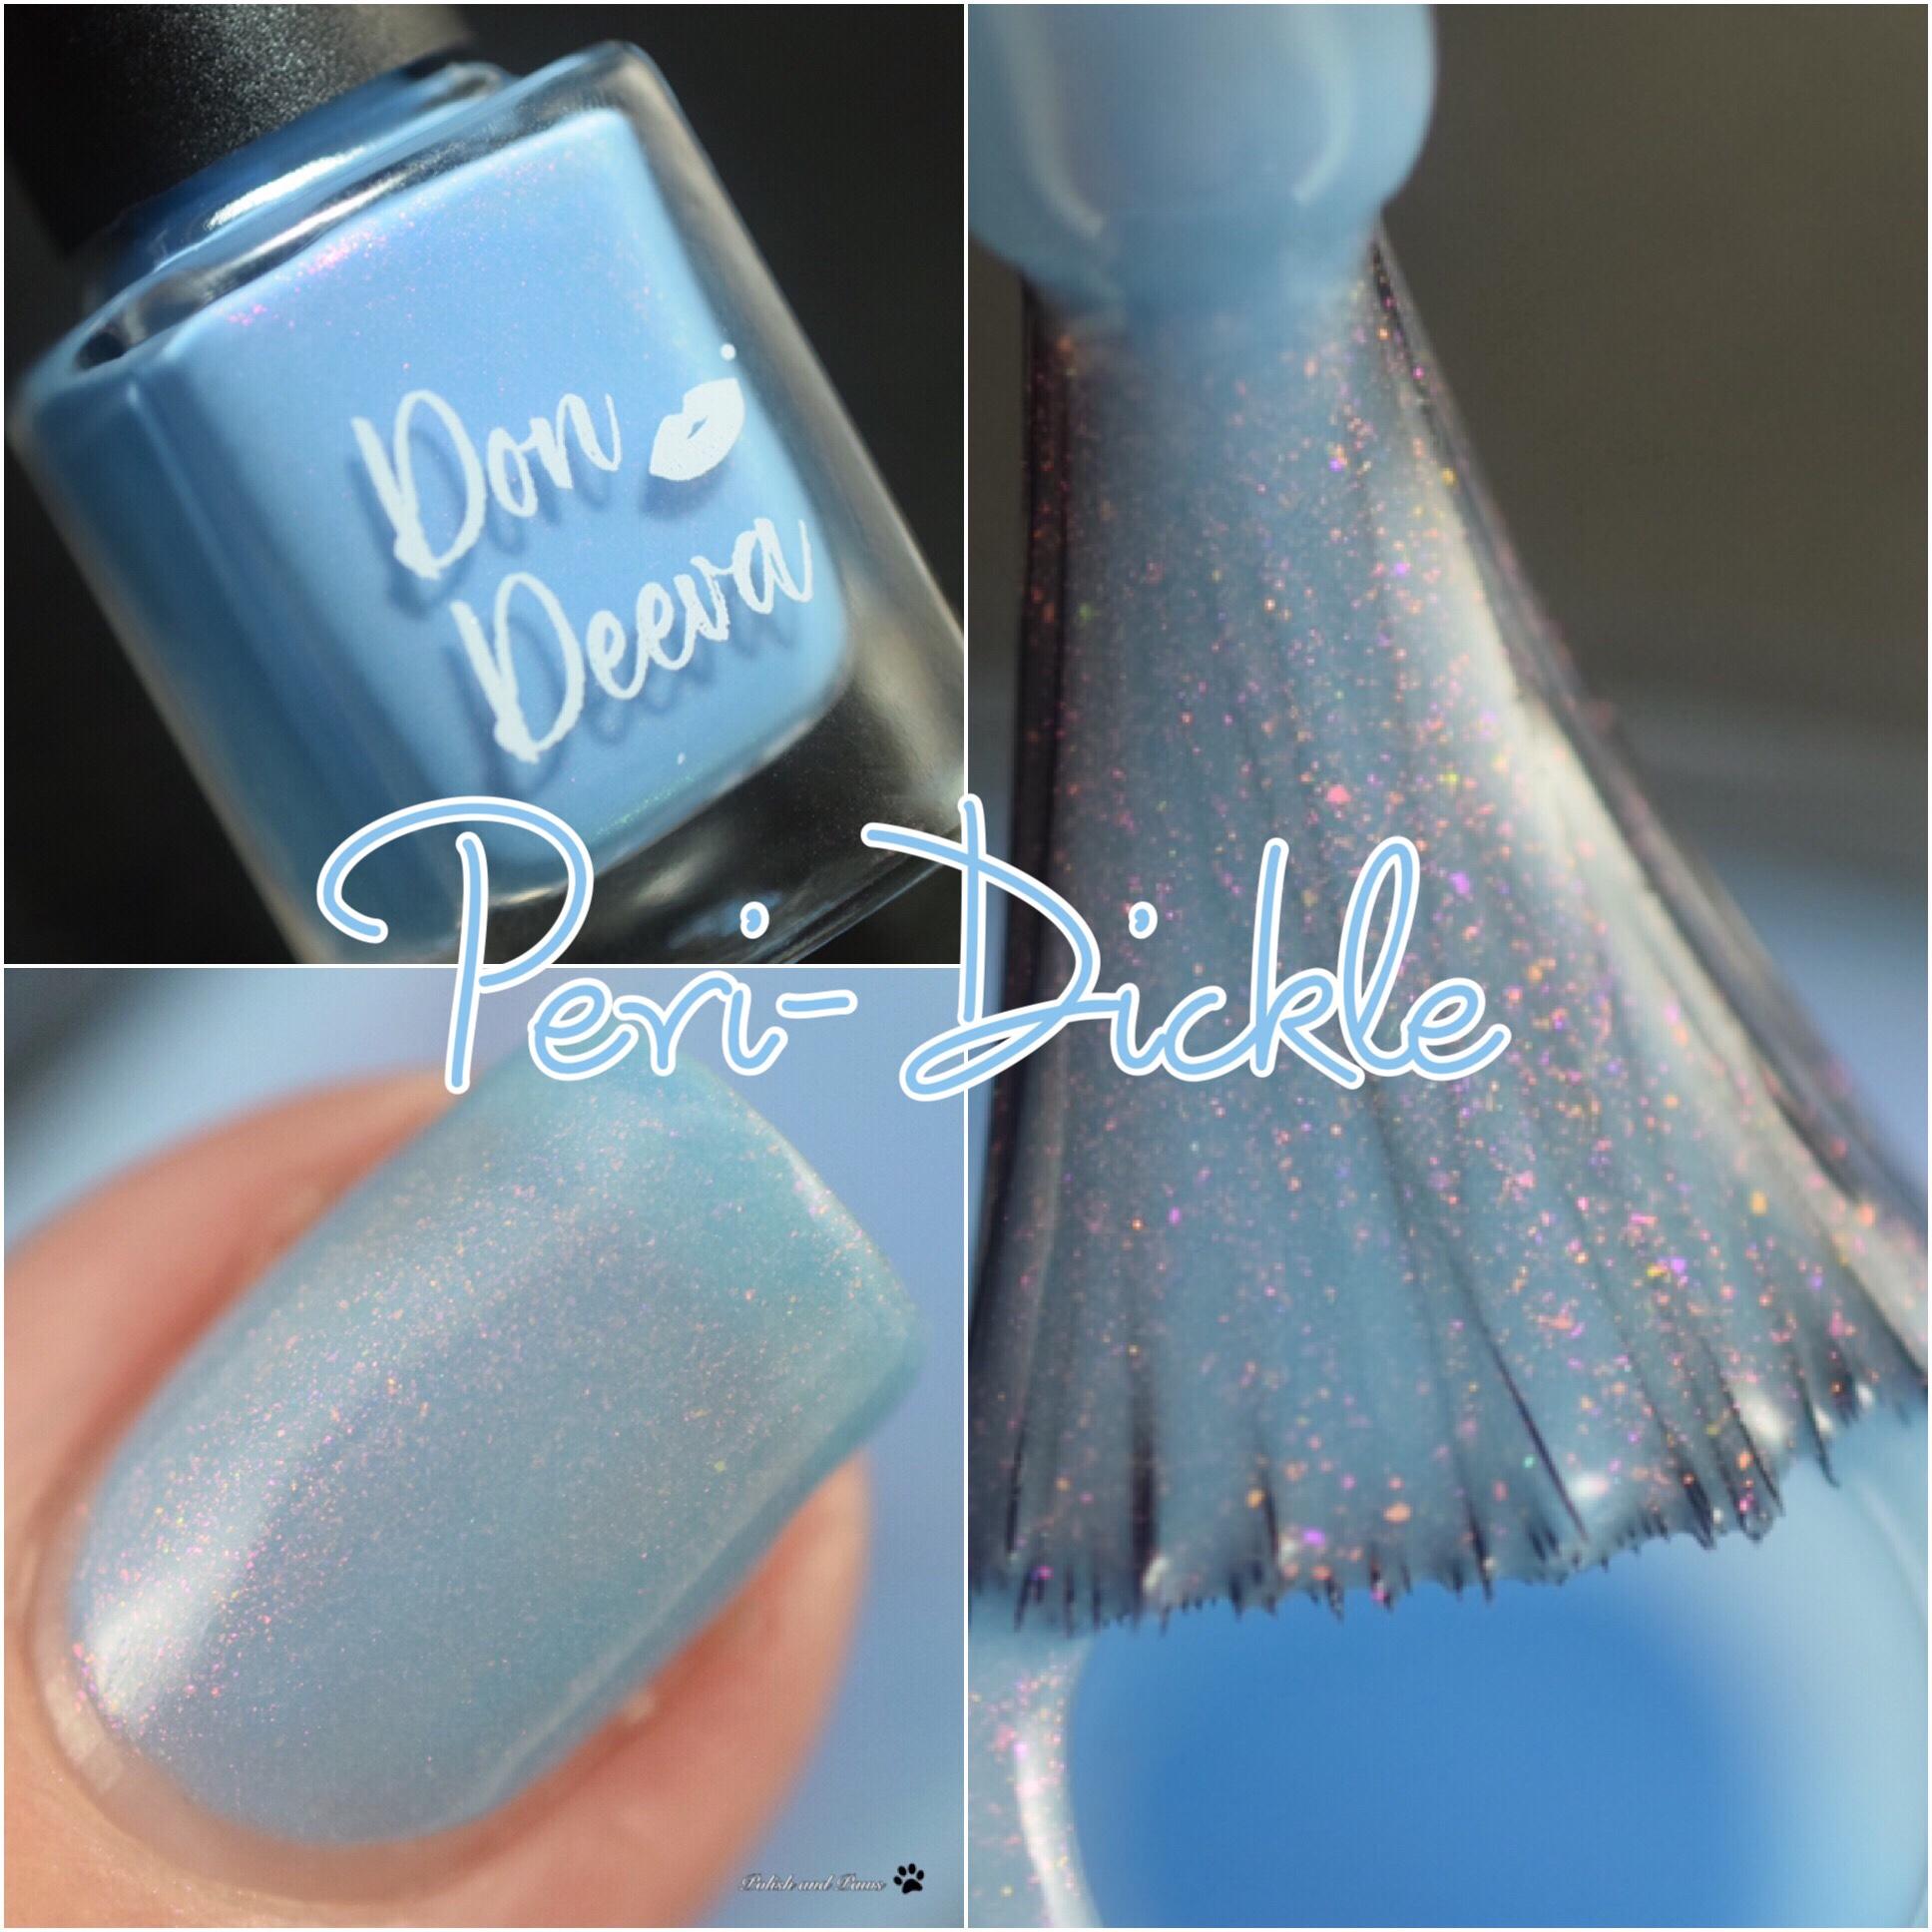 Don Deeva Peri-Dickle